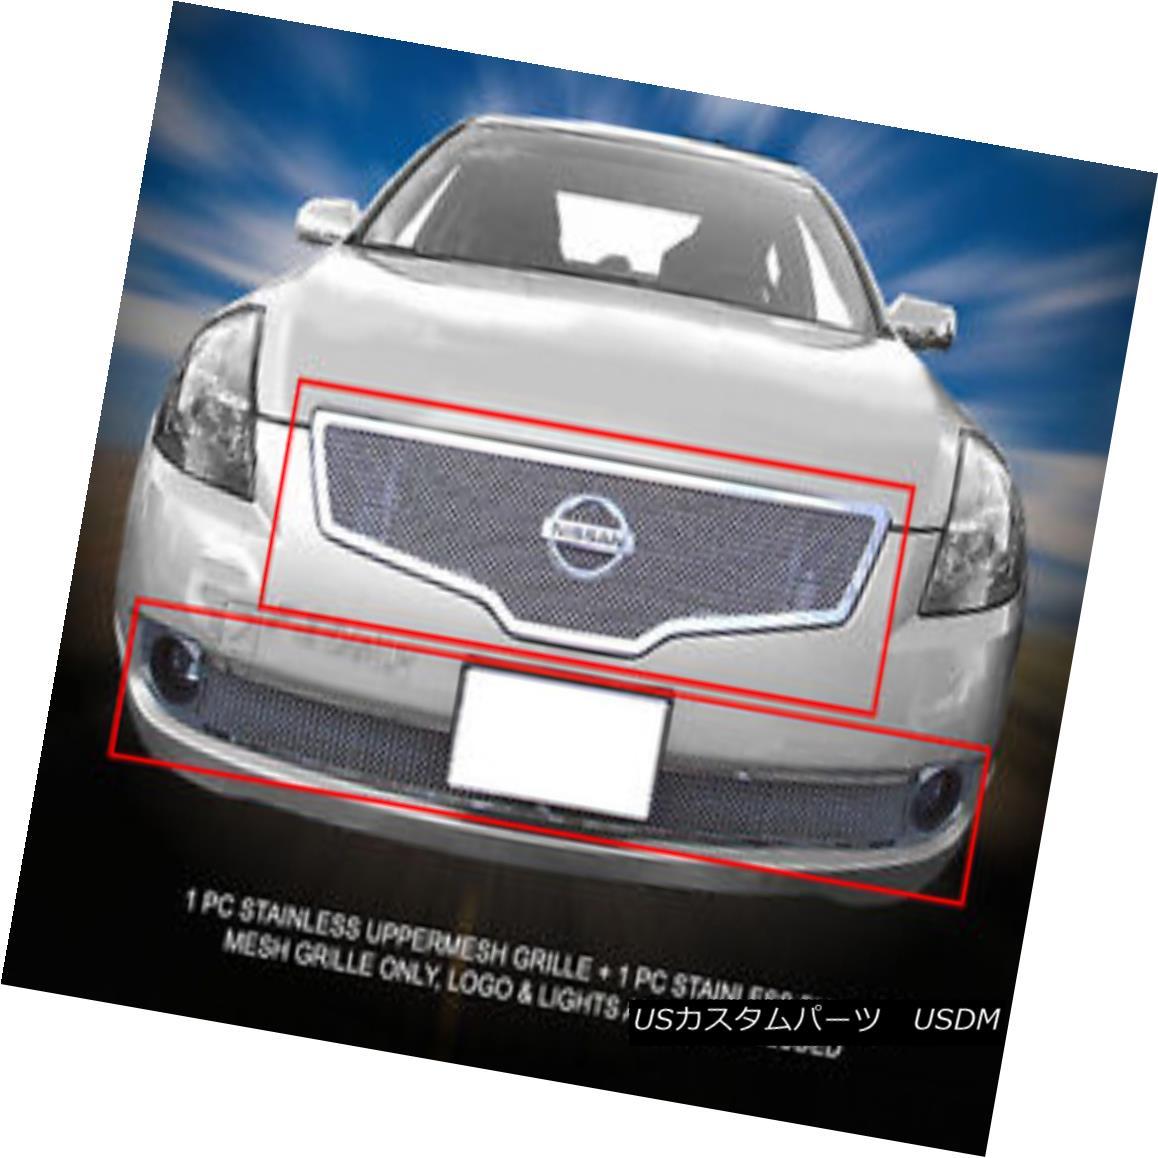 グリル For 07-09 Nissan Altima Sedan Stainless Steel Mesh Grille Combo Insert Fedar 07-09日産アルティマセダンステンレスメッシュグリルコンボインサートフェルダ